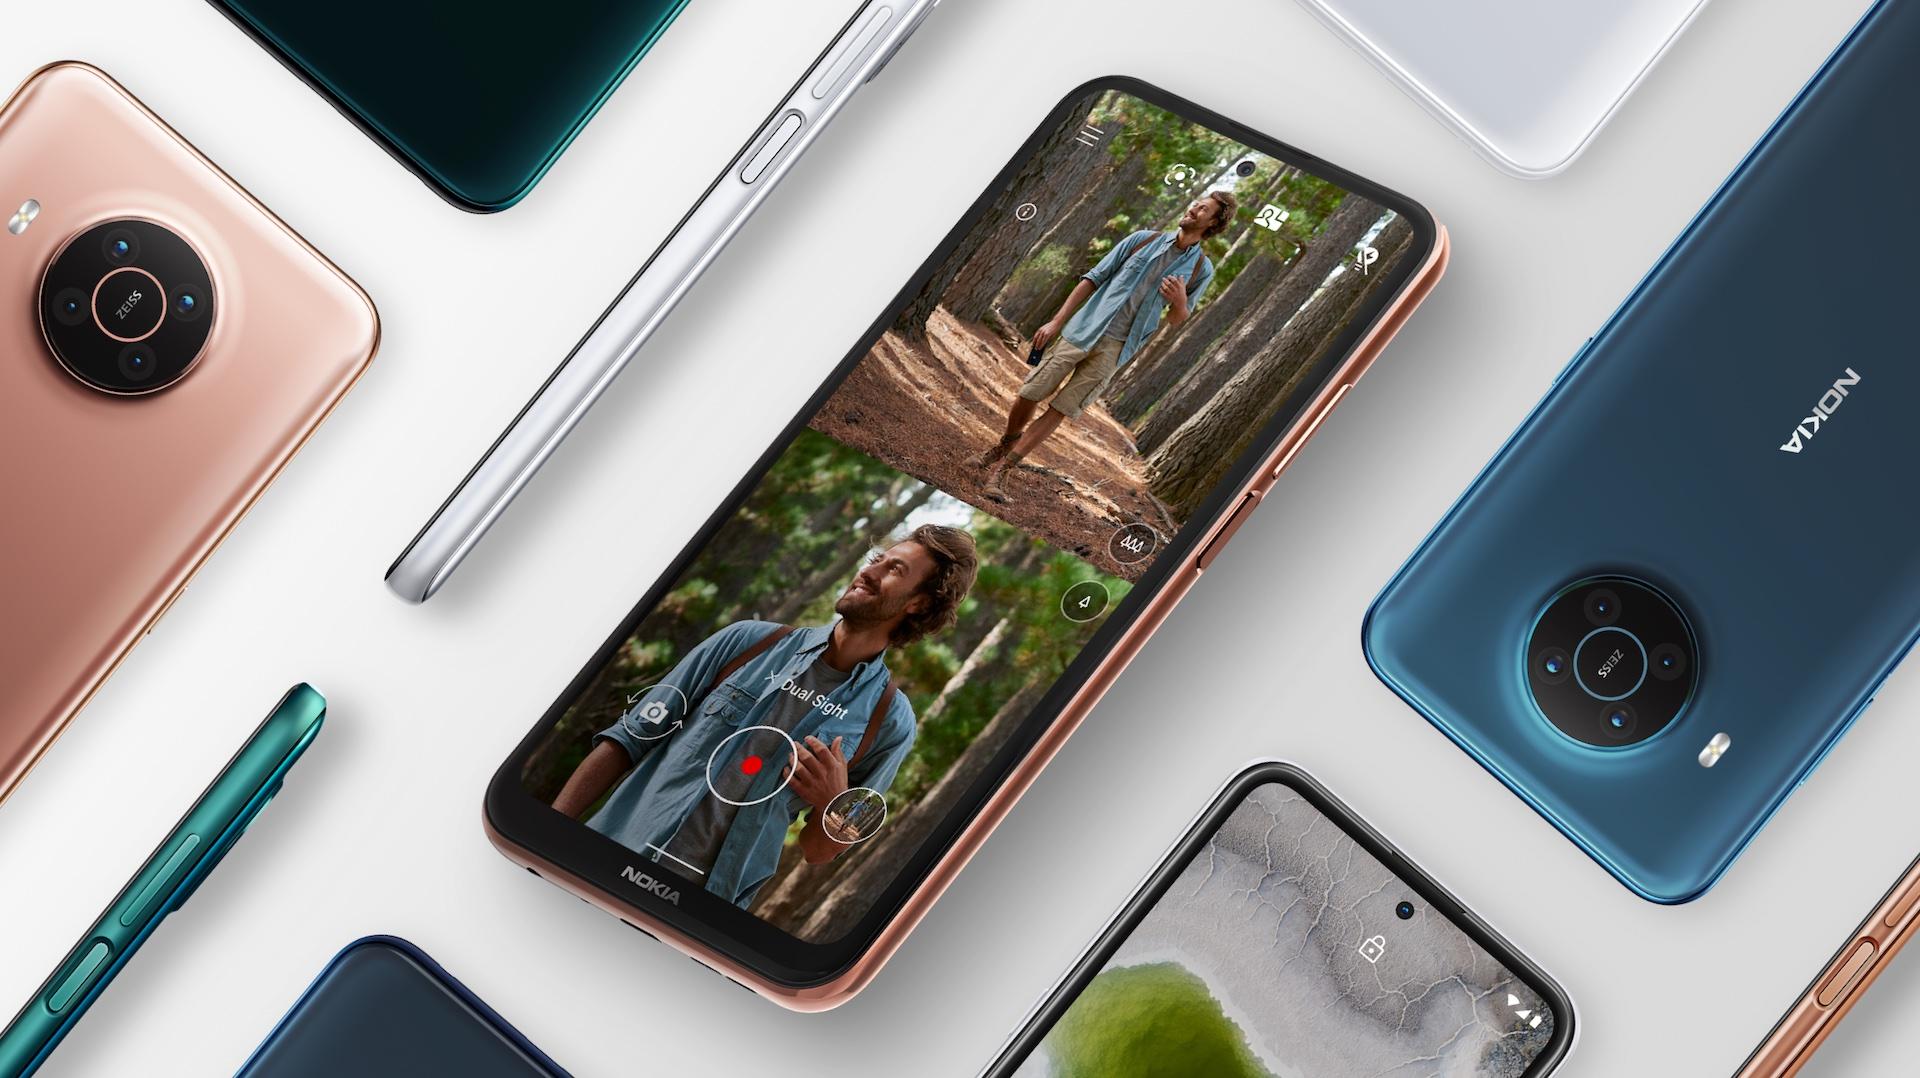 نوكيا تسعر هاتف Nokia X20 بسعر مبالغ فيه